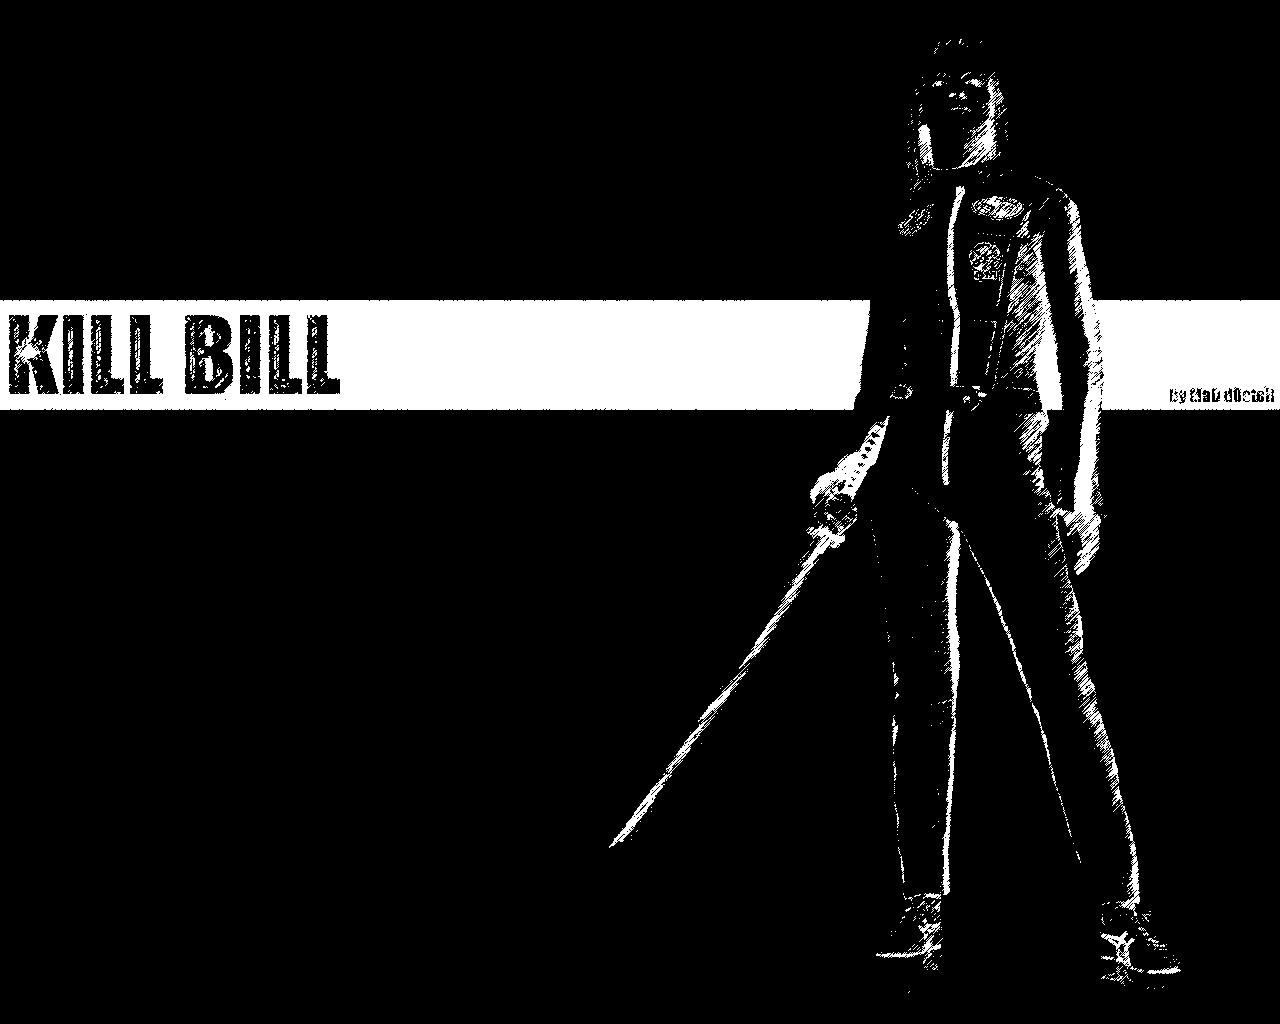 kill bill full movie free download